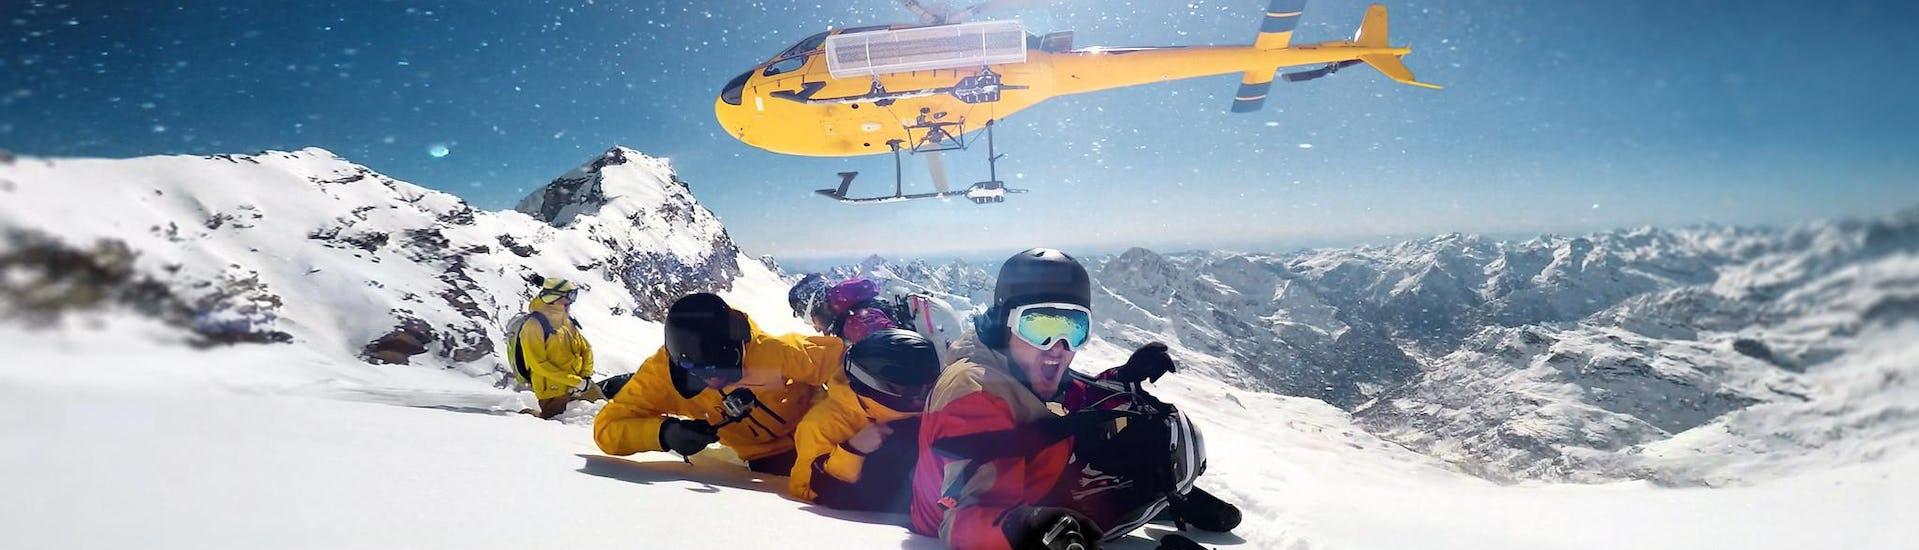 """Eine Gruppe junger Menschen liegt bei der Aktivität """"Heliskiing"""" mit dem Anbieter Wintersportschule Gerlos im Schnee am Gipfel eines Berges und macht ein Selfie mit dem Helikopter im Hintergrund."""